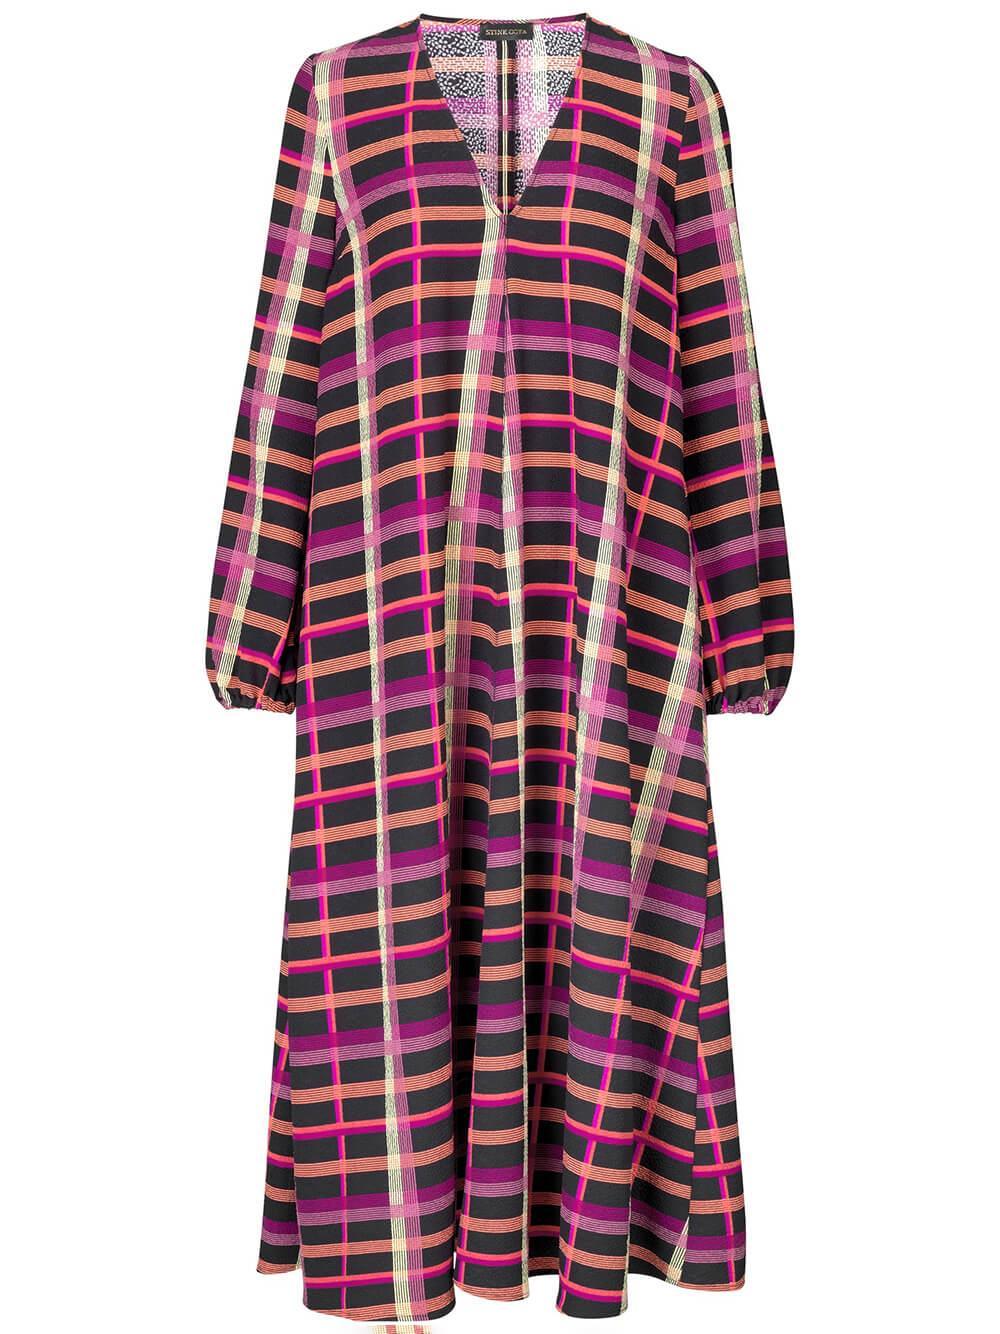 Brooklyn Dress Item # SG3244